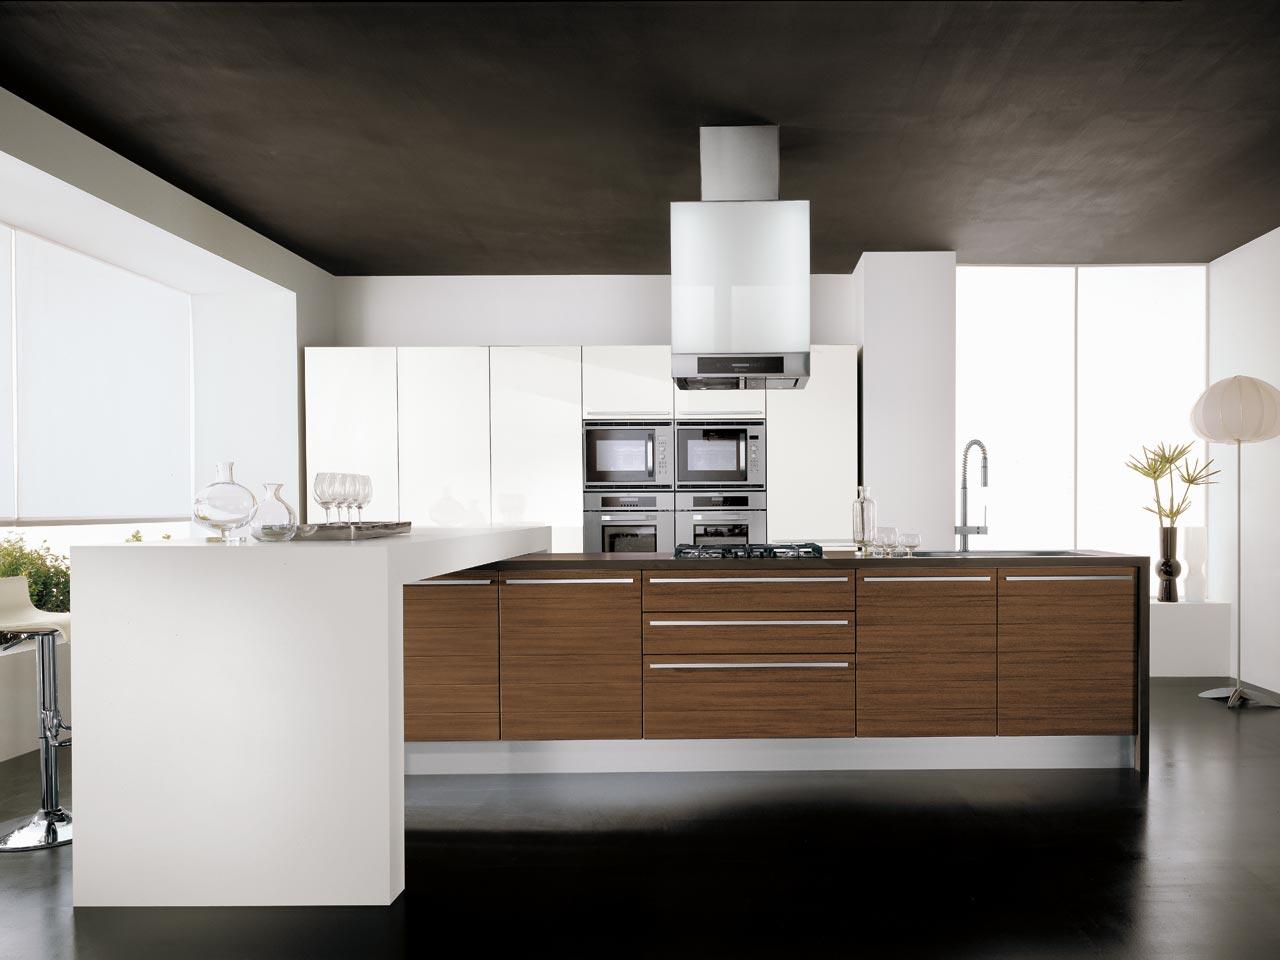 Bruni Cucine. Cheap Camerette Bruni Mobili Cucine Trendy ...